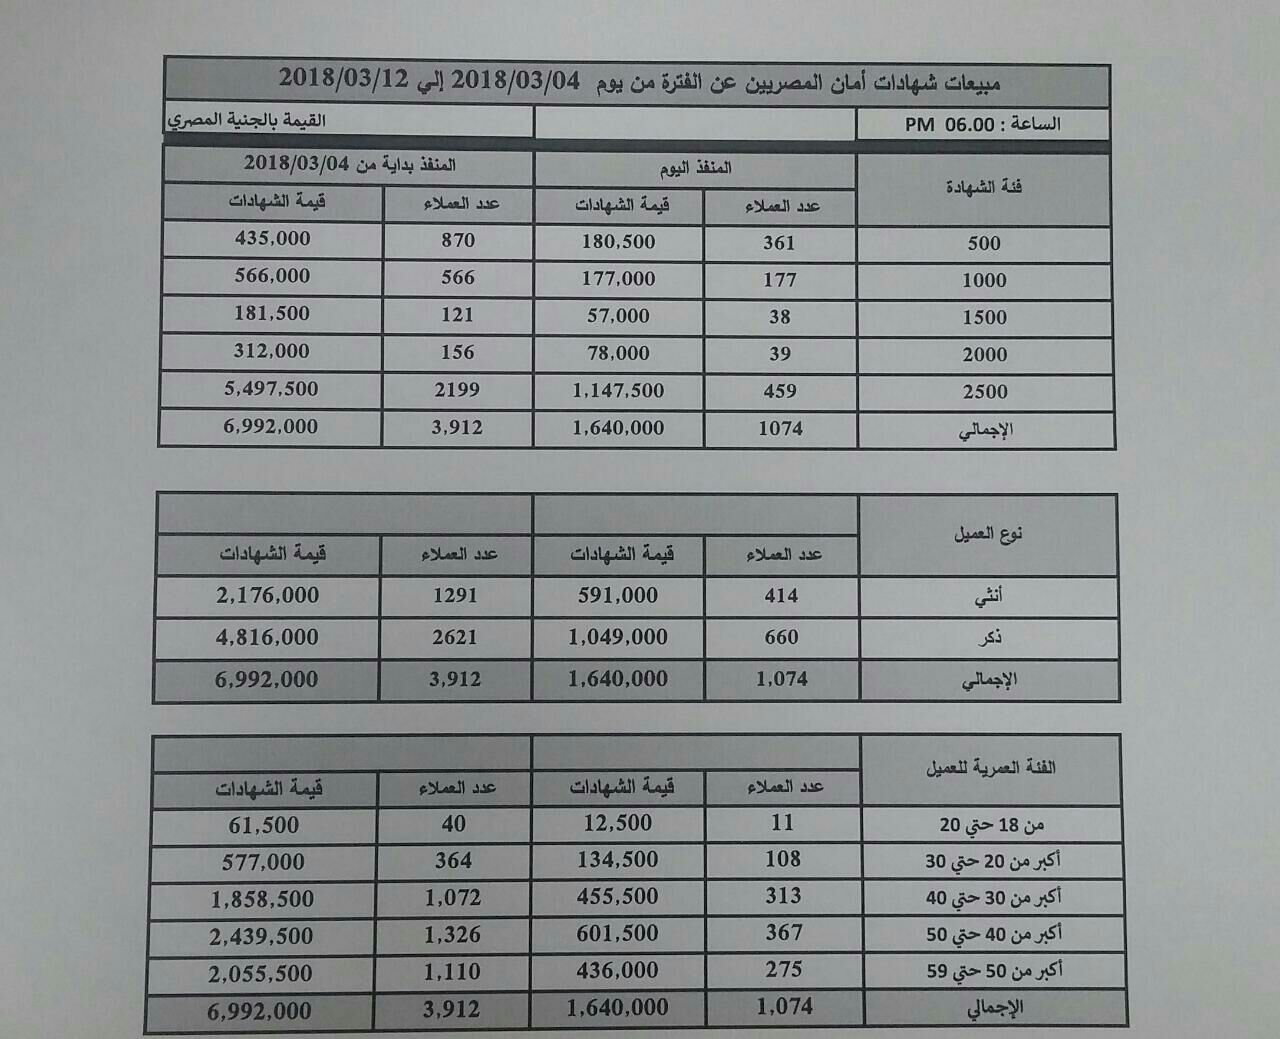 عدد شهادات أمان المباعه في بنك مصر